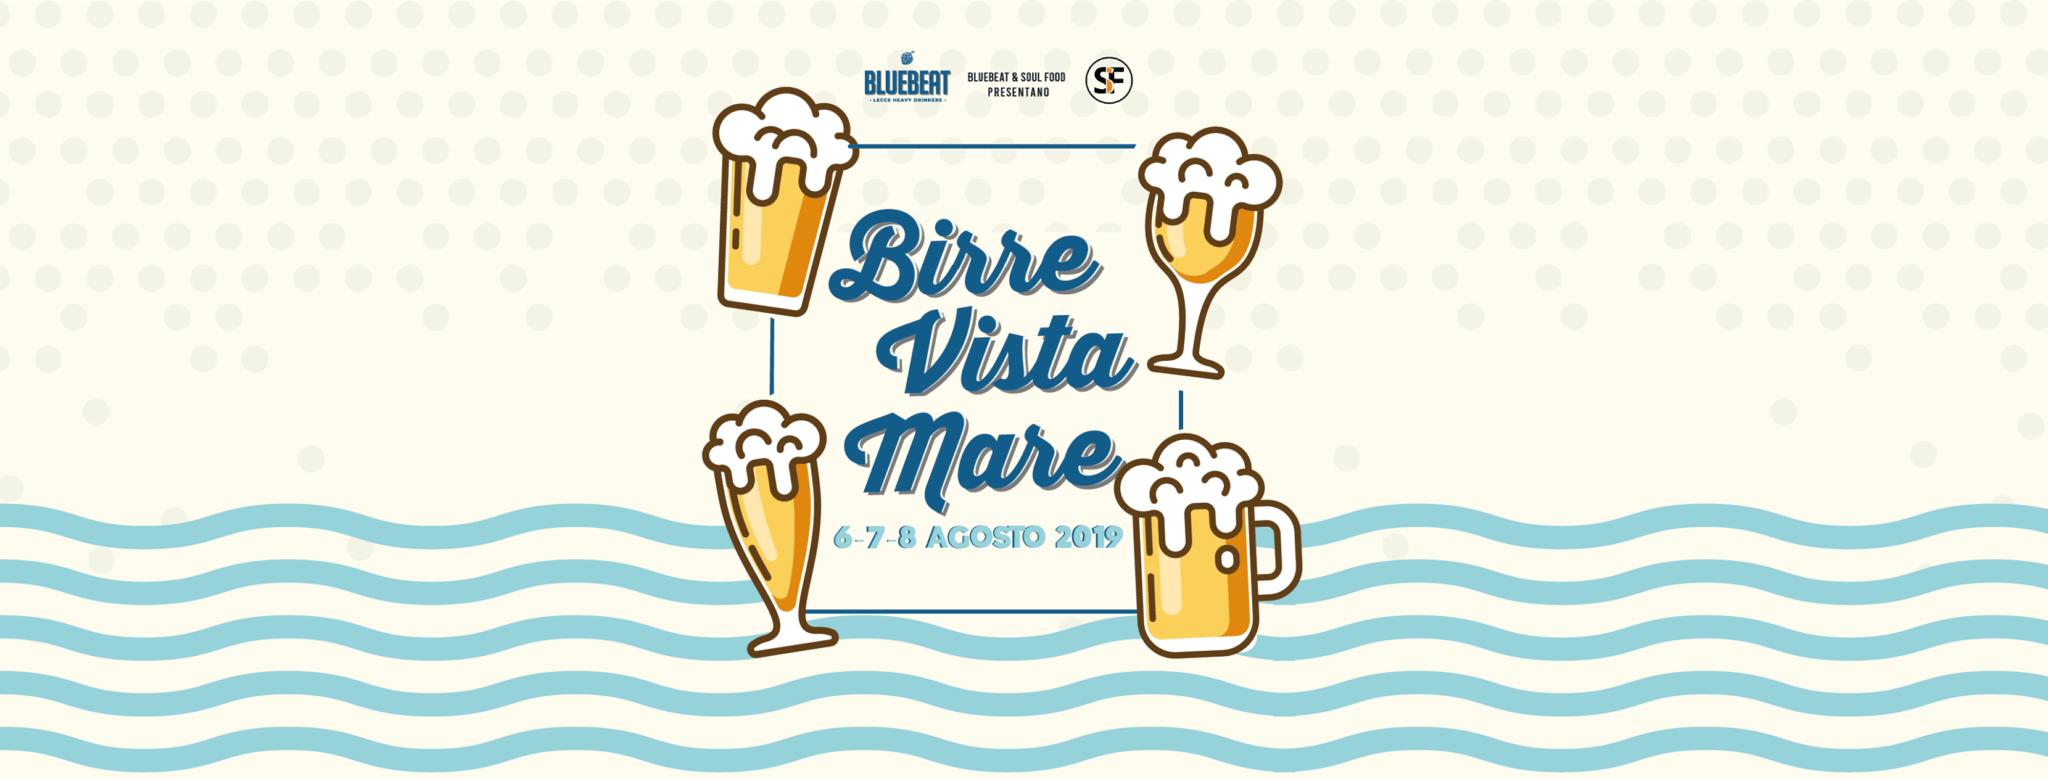 Raggiungi Birre Vista Mare 2019, il festival dei birrifici artigianali